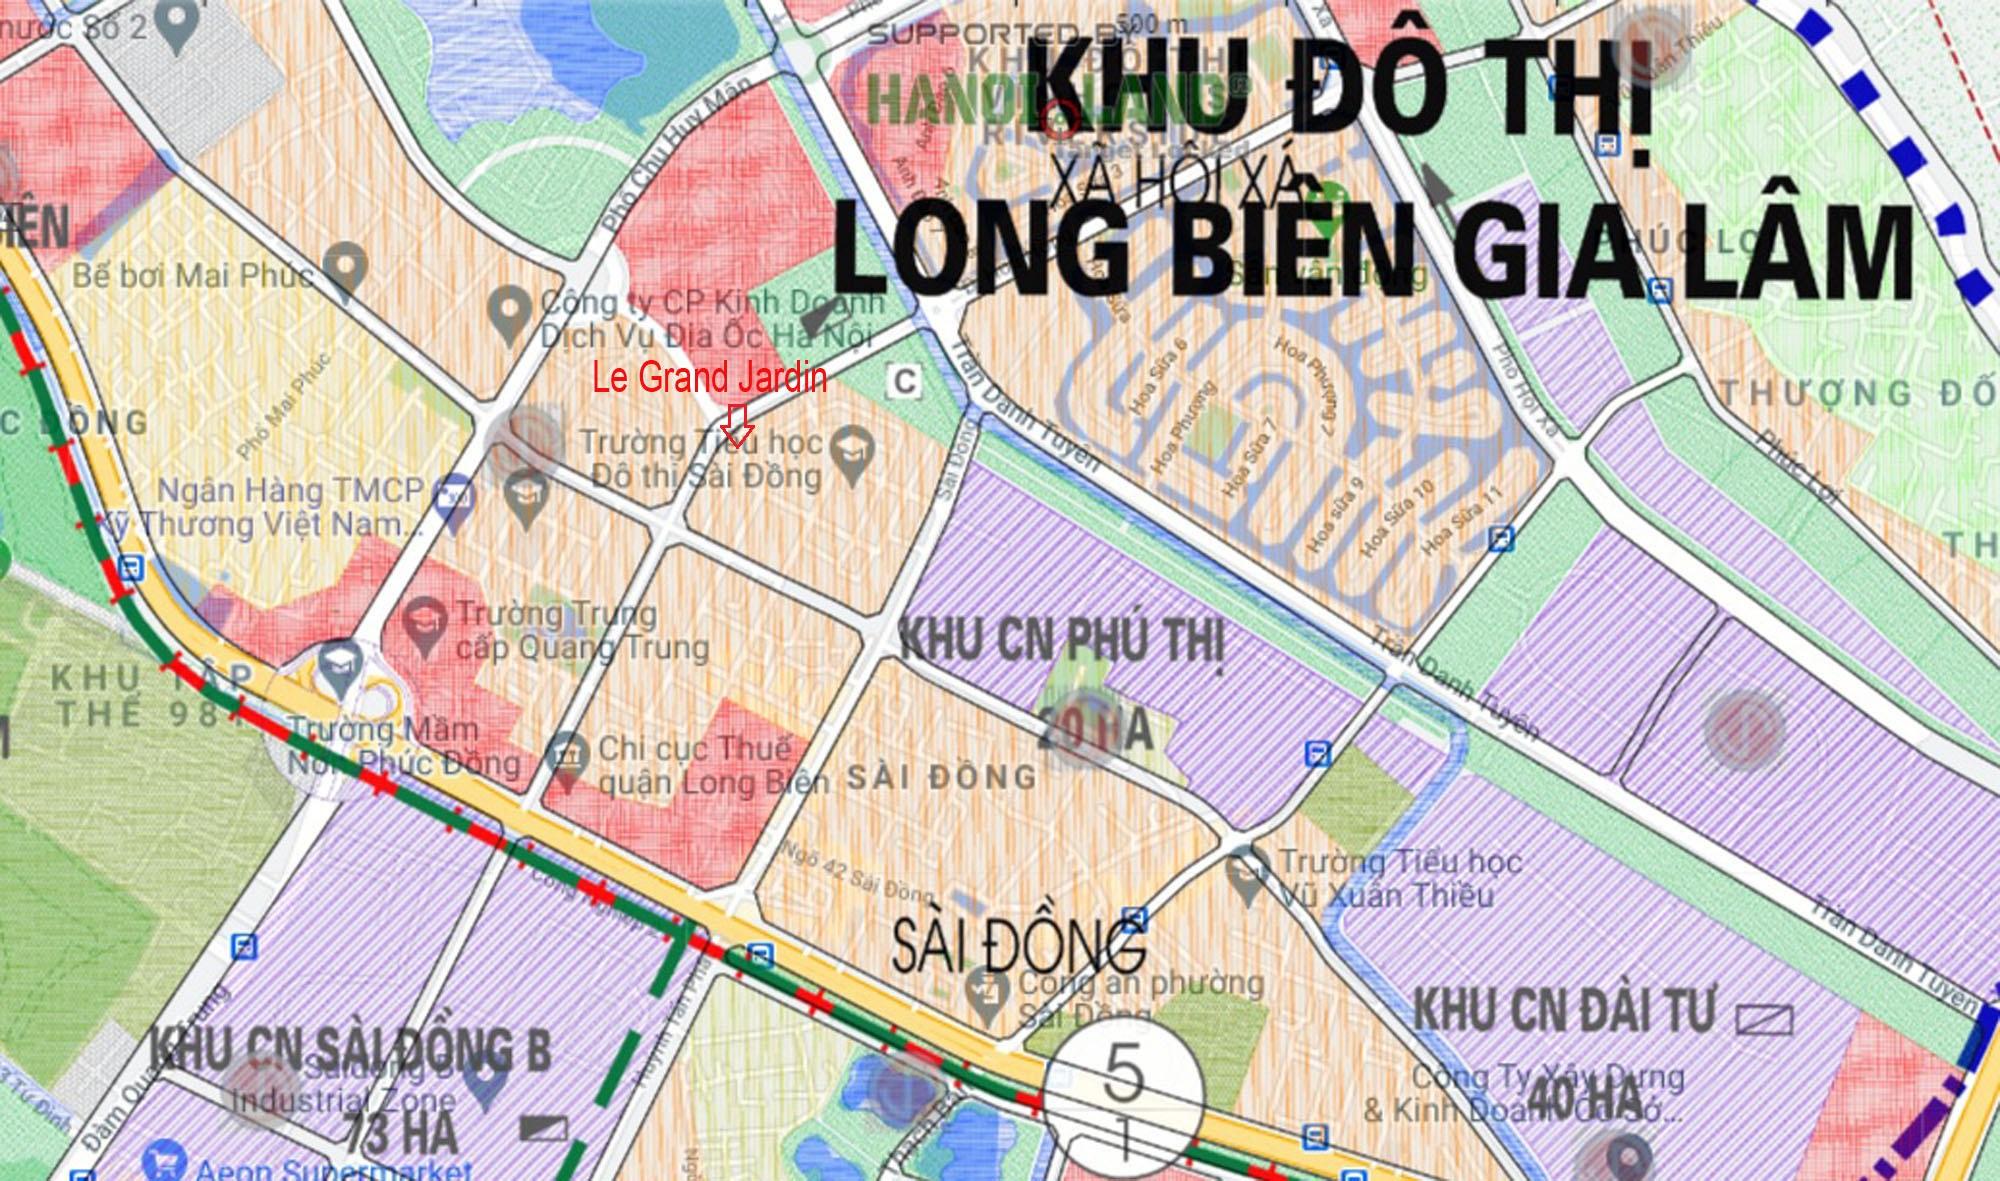 Dự án Le Grand Jardin đang mở bán: Nằm gần hai tuyến metro, giá 26 - 29 triệu đồng/m2 - Ảnh 20.